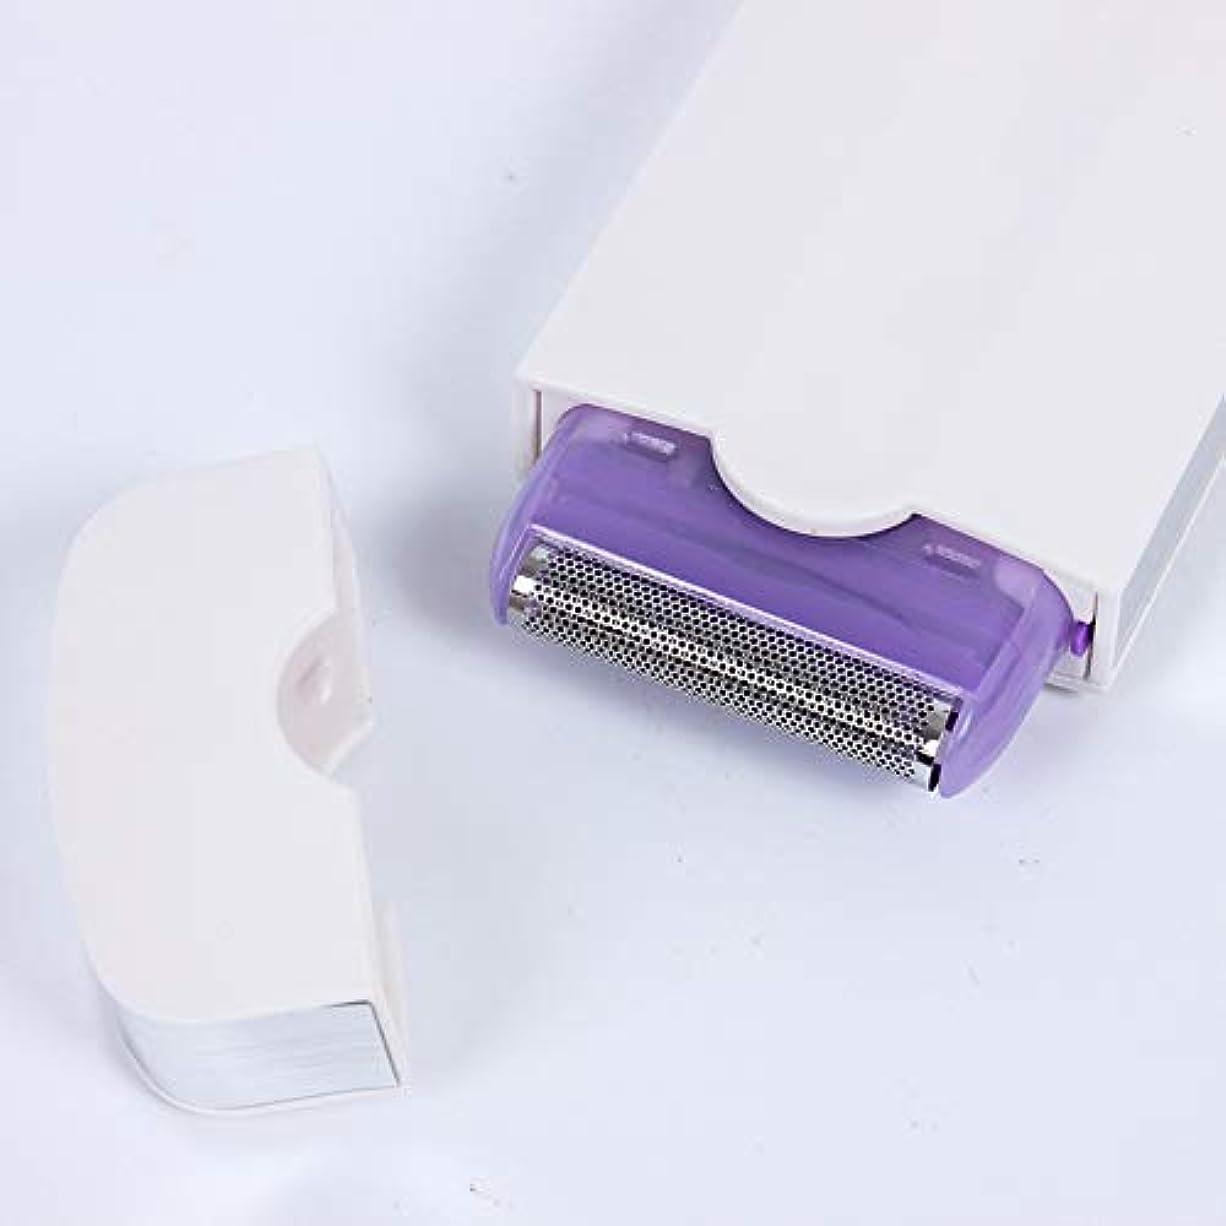 圧縮されたサポート最も早いブルーレイ誘導シェーバーレディ脱毛器レーザー痛みのない脱毛脱毛シェーバー電動脱毛器具